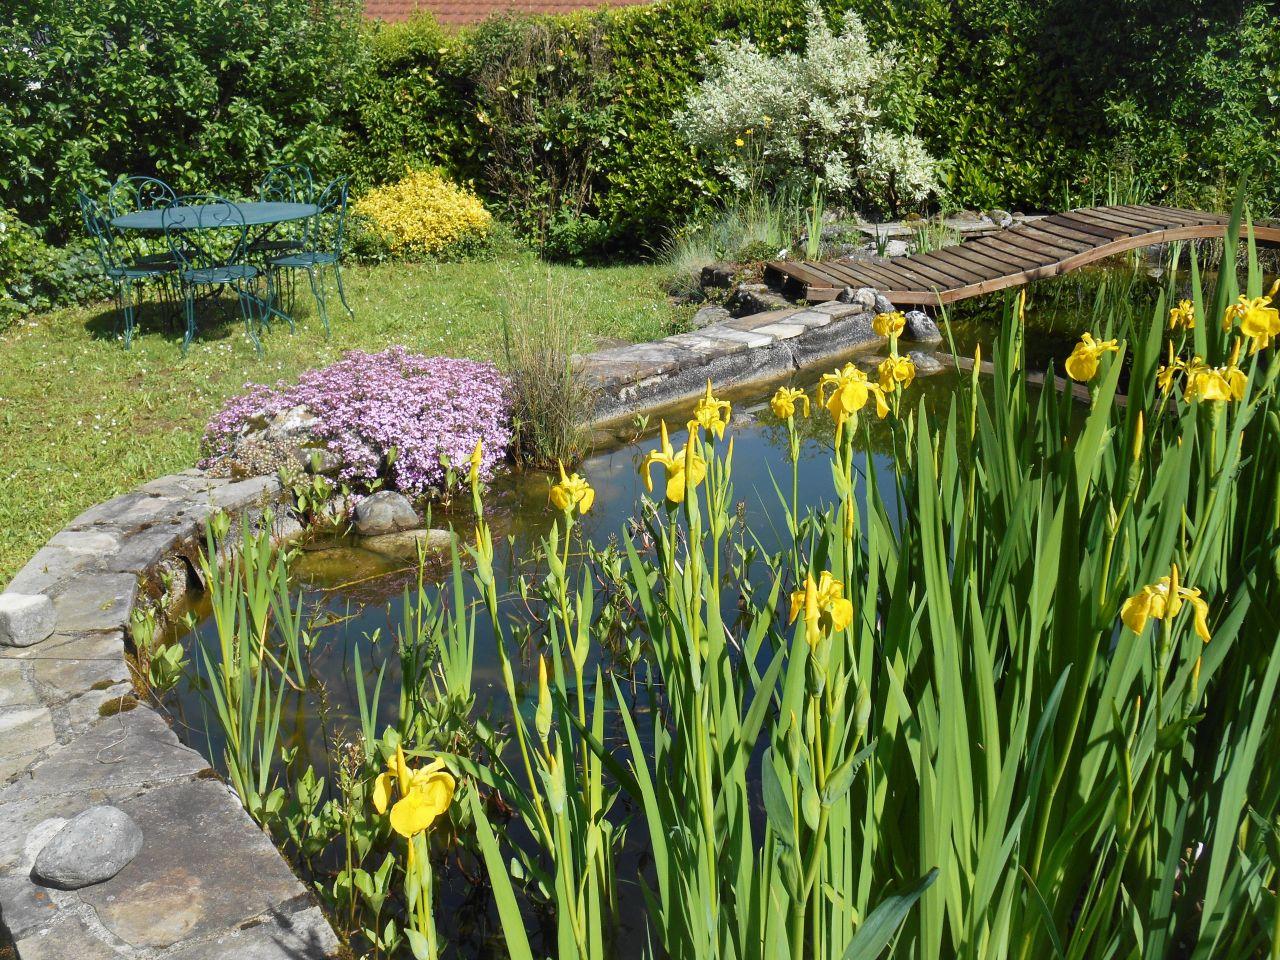 Les iris sont plantés dans des paniers immergés.